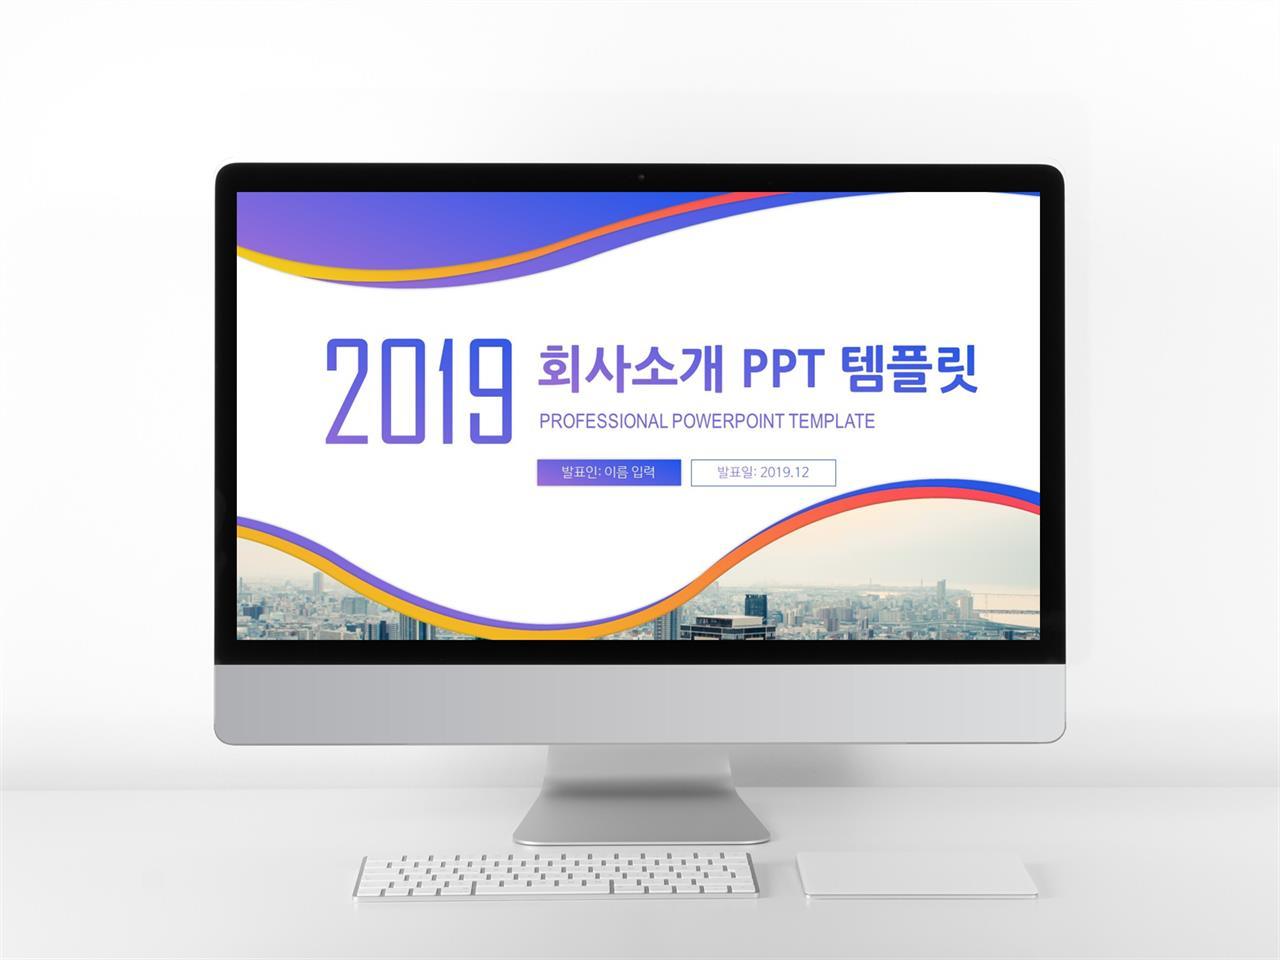 기업홍보 보라색 세련된 다양한 주제에 어울리는 POWERPOINT탬플릿 디자인 미리보기